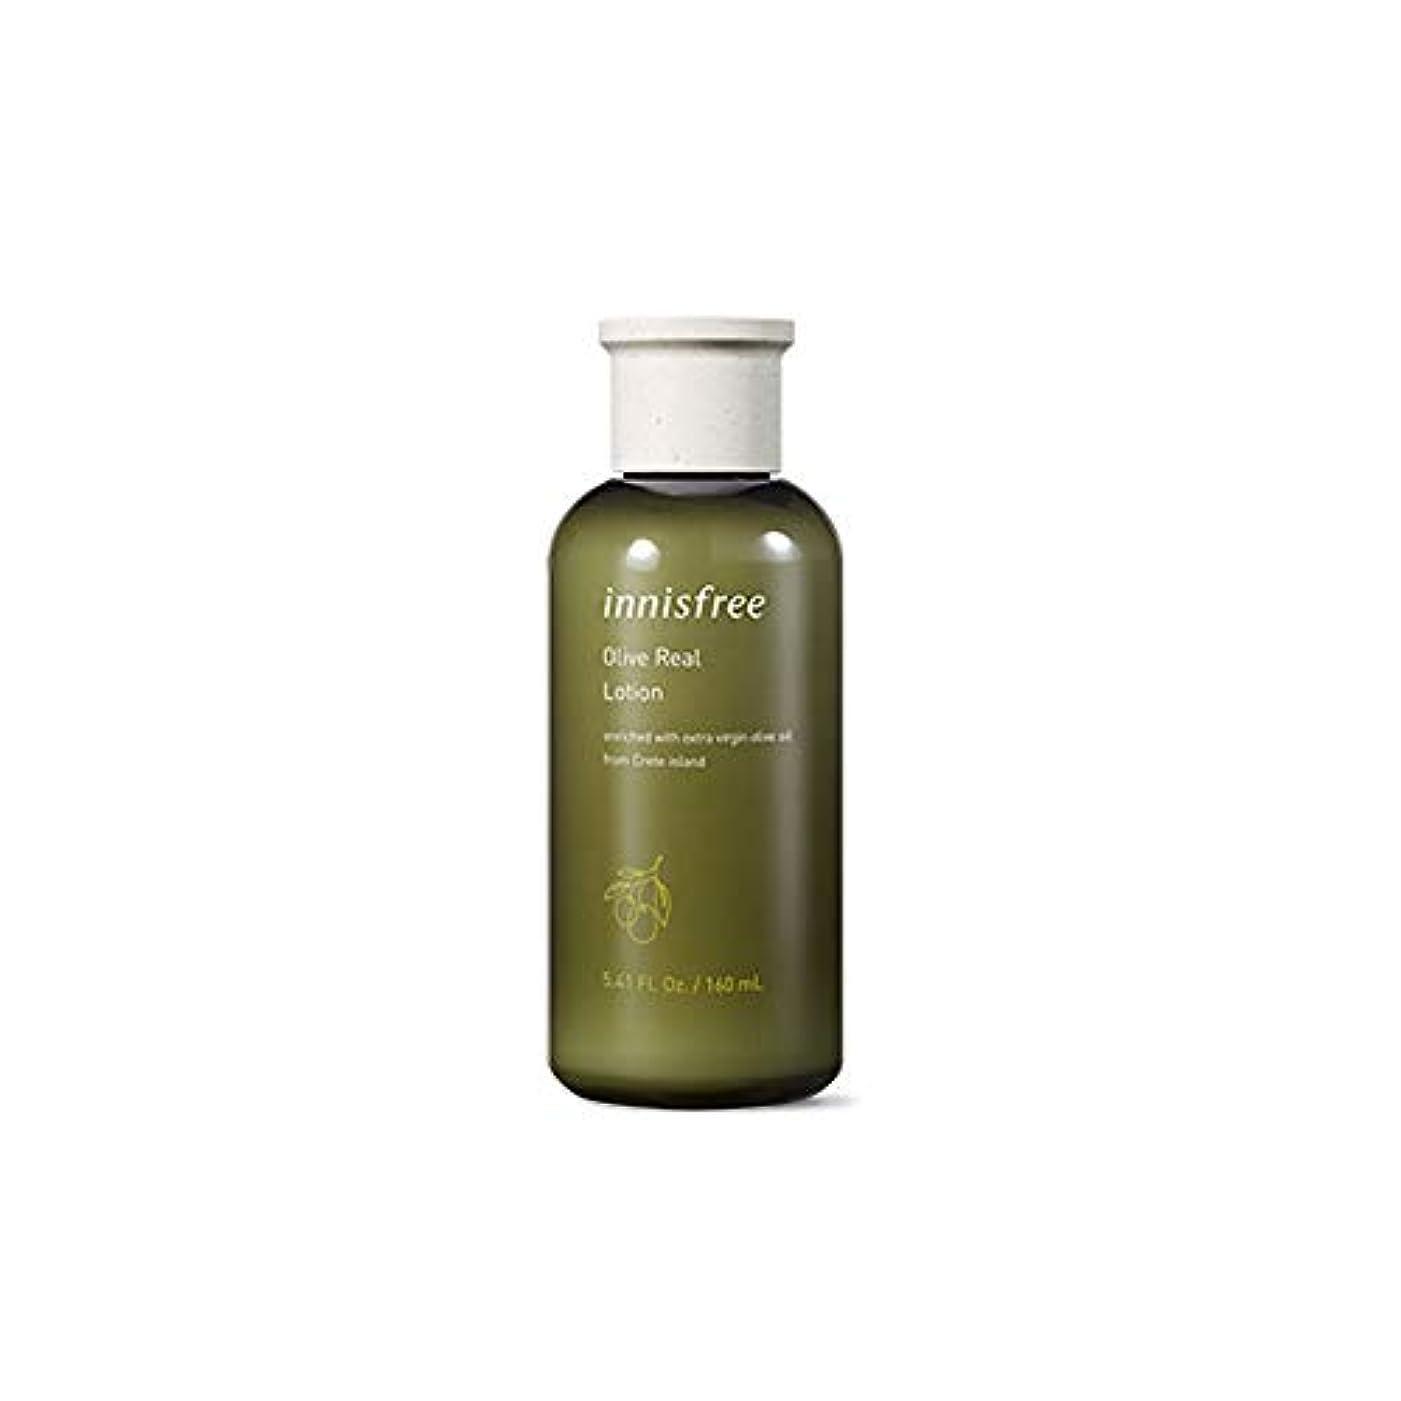 独立した支給敬NEW[イニスフリー] Innisfree オリーブリアルローション乳液EX(160ml) Innisfree Olive Real Lotion(160ml)EX [海外直送品]